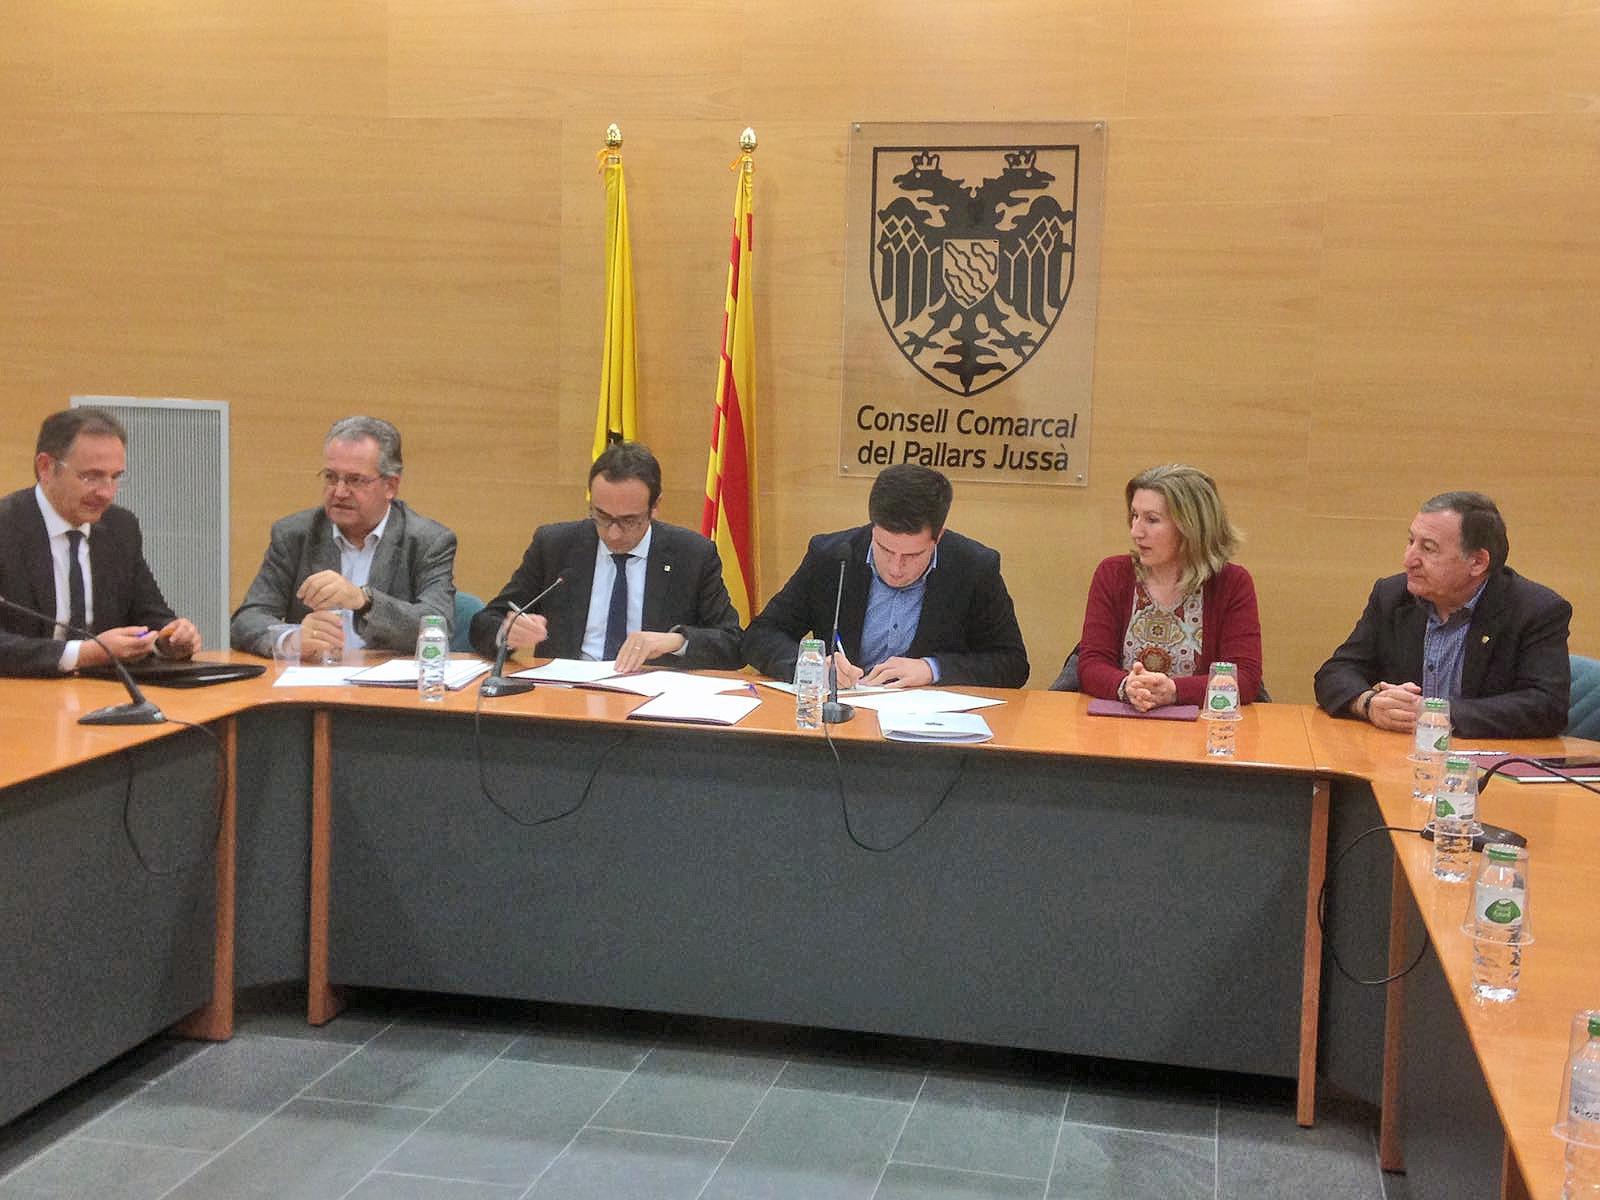 El conseller Josep Rull i el president del Consell Comarcal, Joan Manso, firmant l'acord